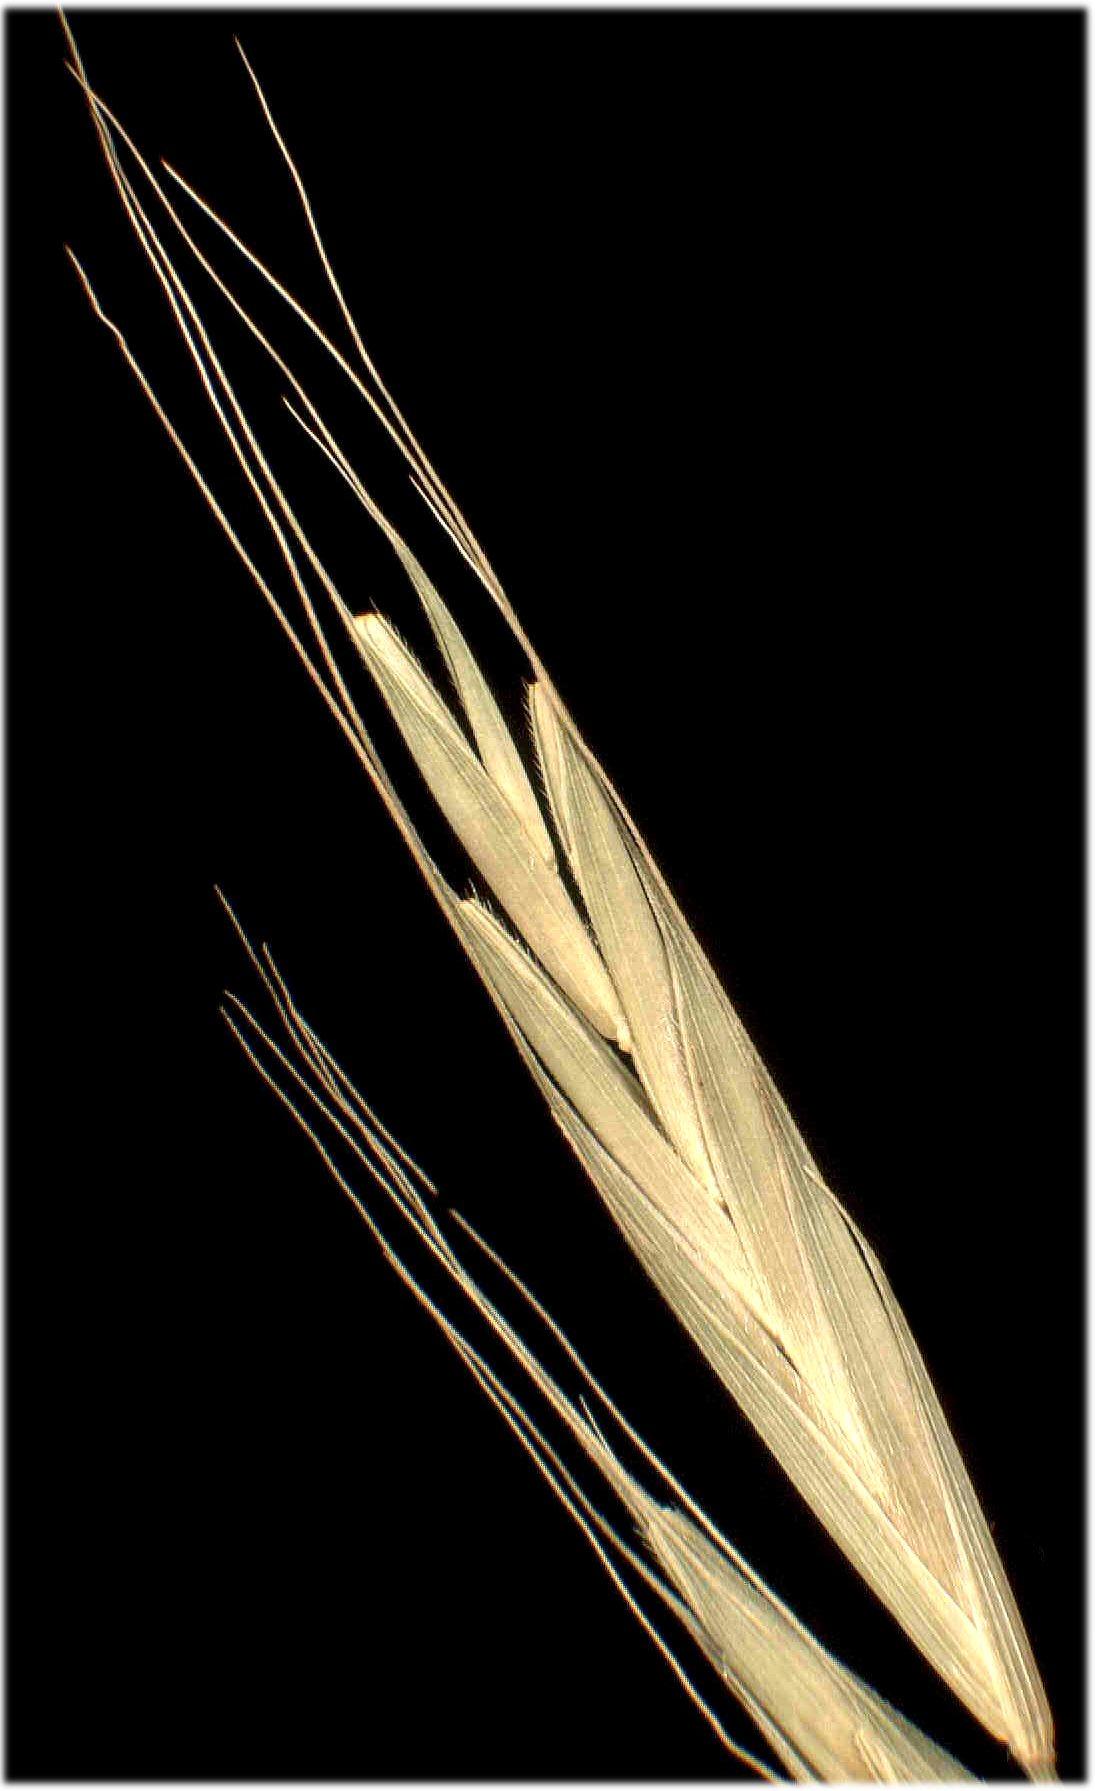 © Dipartimento di Scienze della Vita, Università degli Studi di Trieste<br>by Andrea Moro<br>Alpi Carniche, Val Pesarina, presso il Rio Possal., UD, FVG, Italia, 3/12/04 0.00.00<br>Distributed under CC-BY-SA 4.0 license.